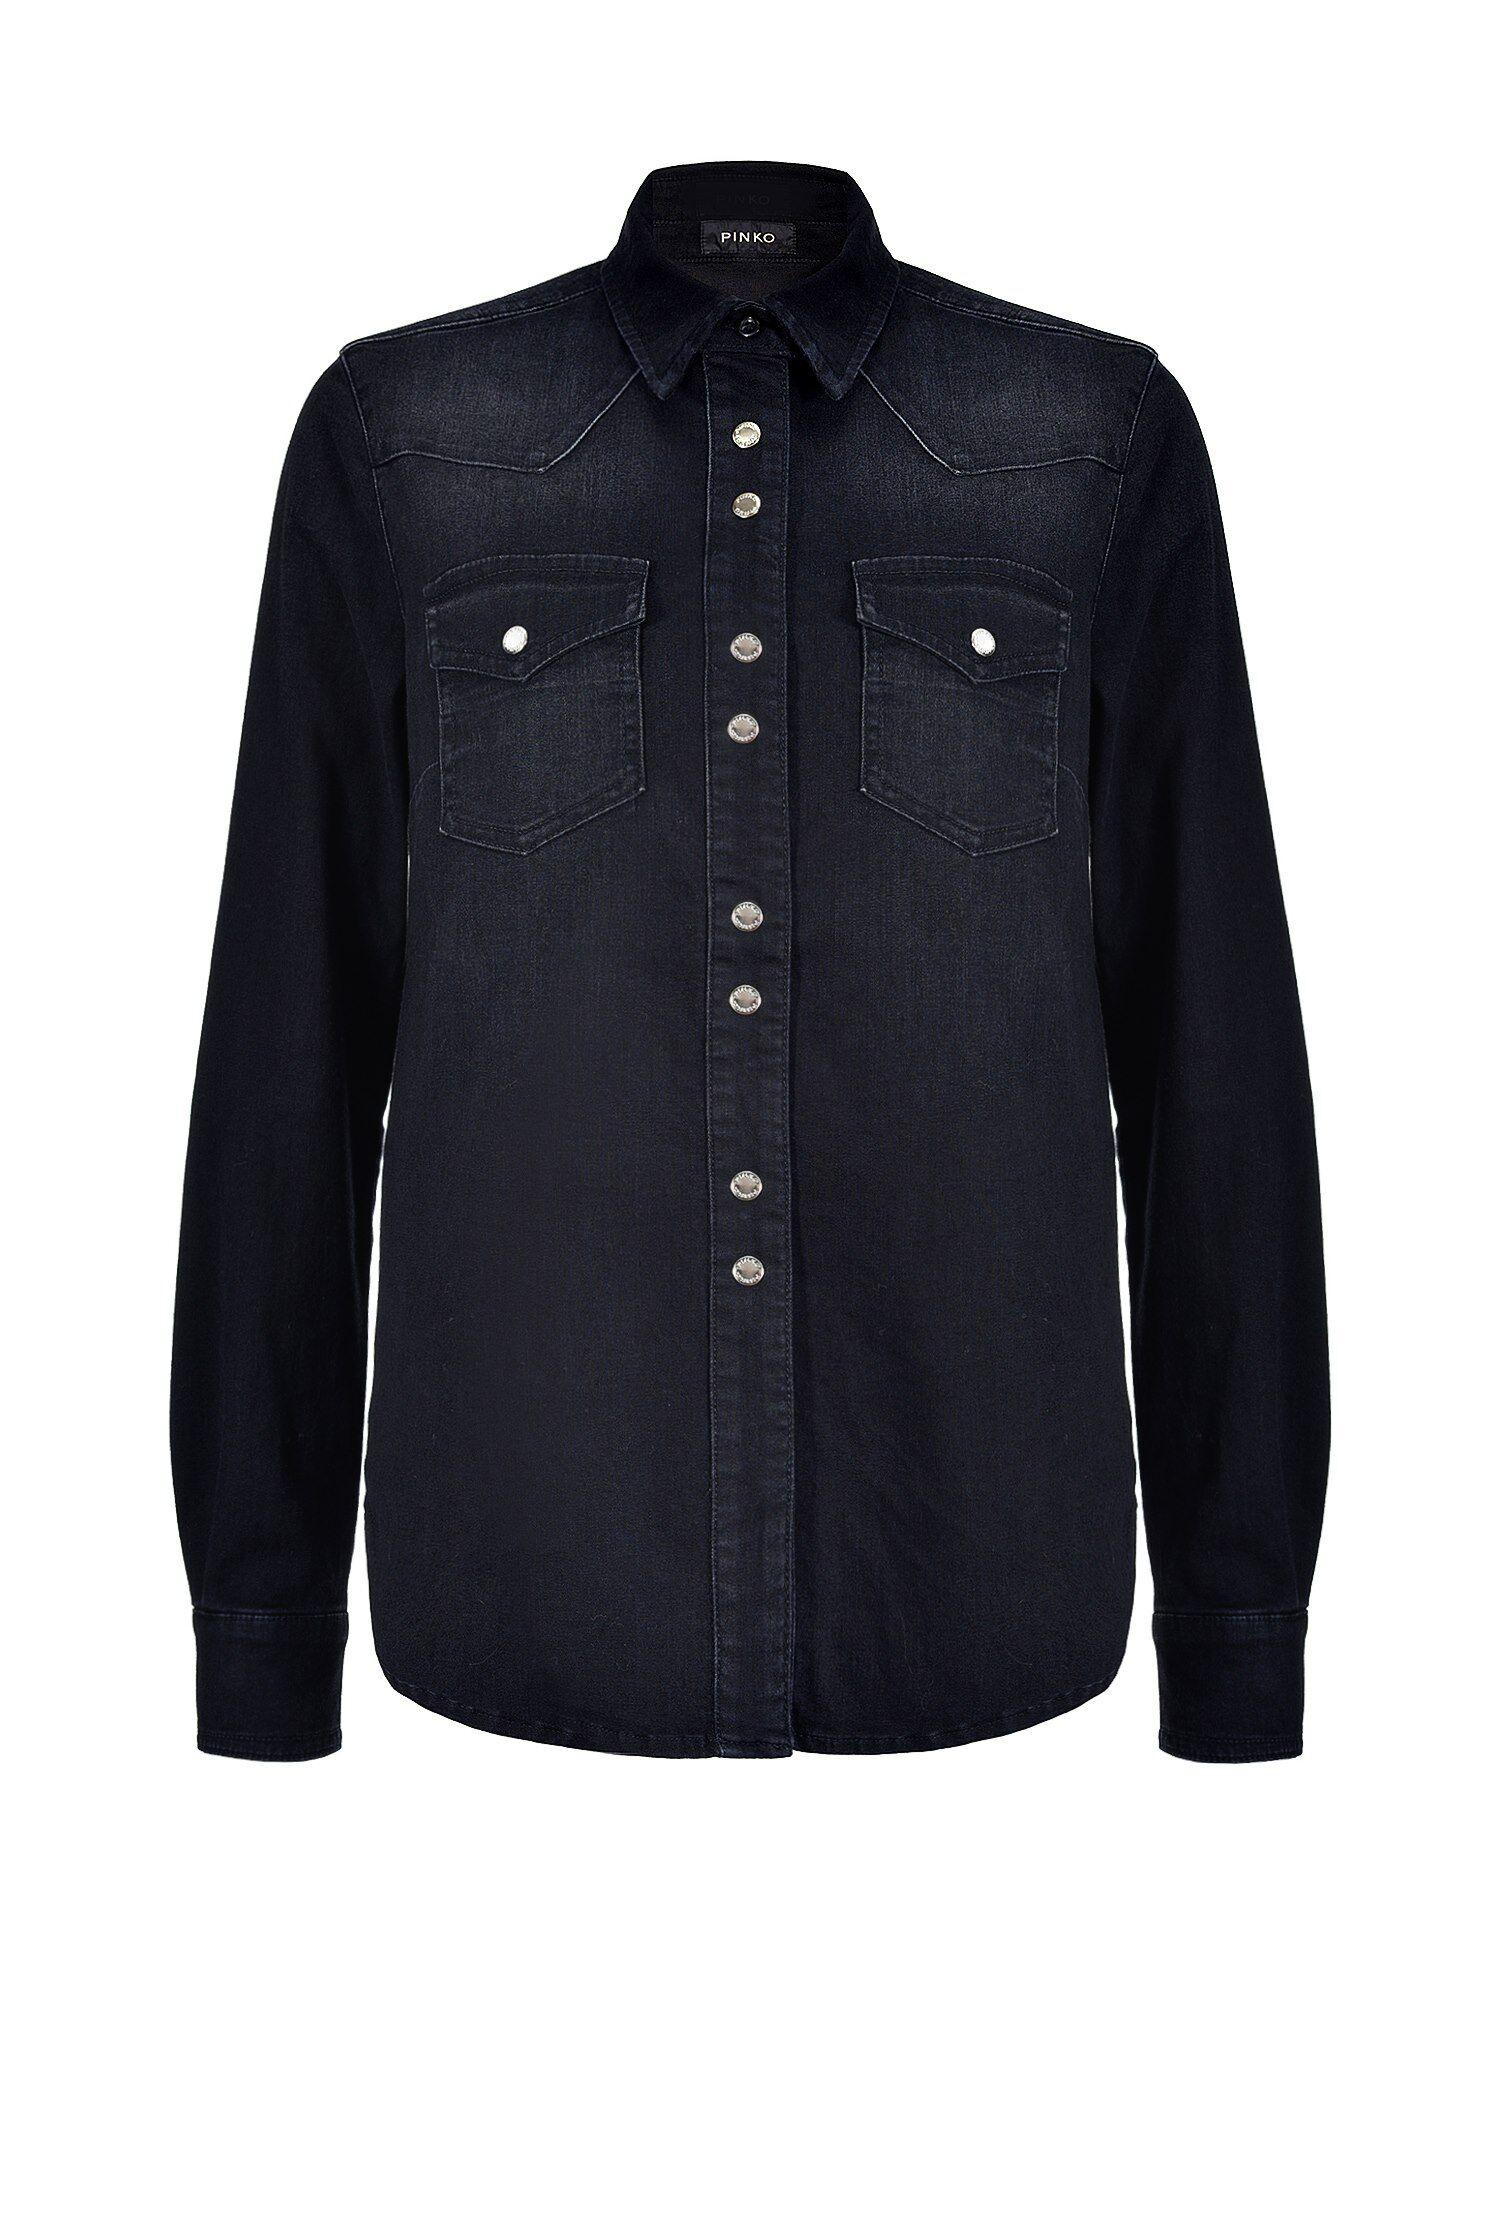 Camicia In Twill Leggero - Pinko